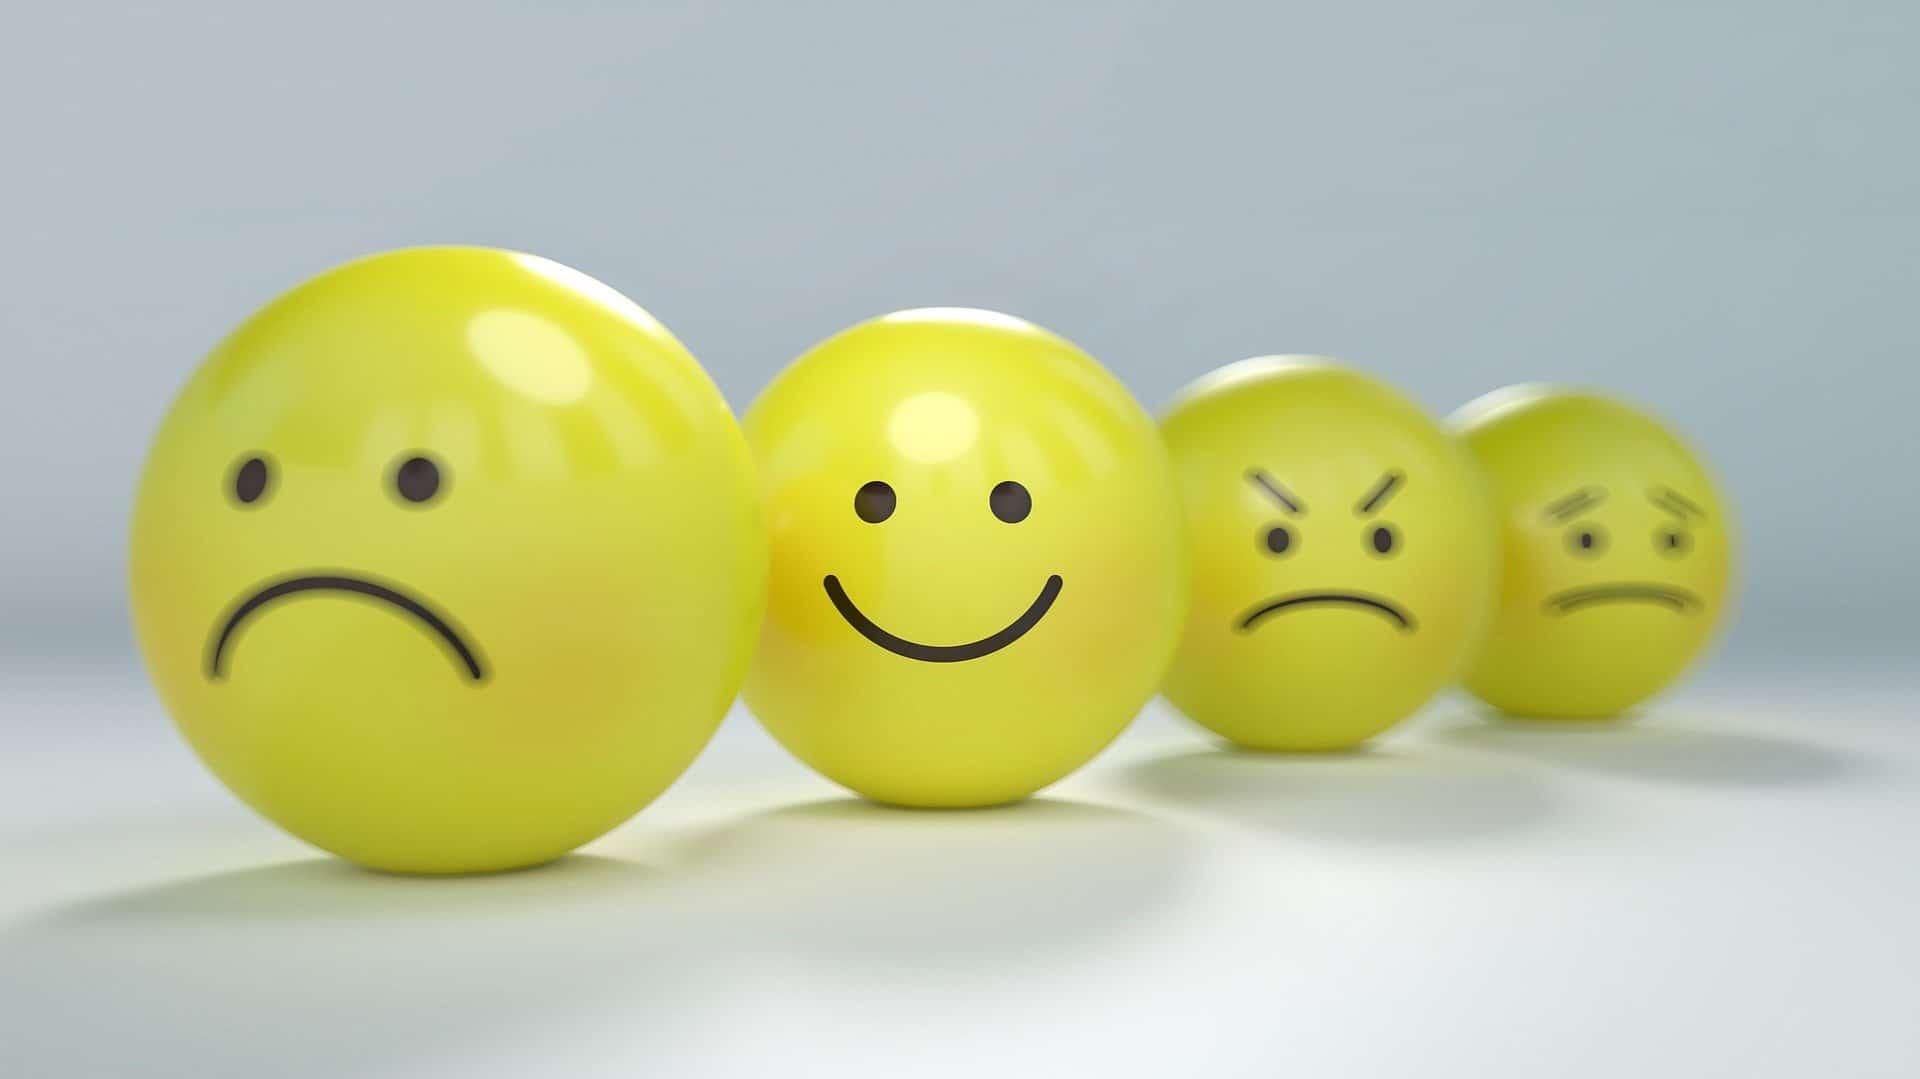 emoticon balls